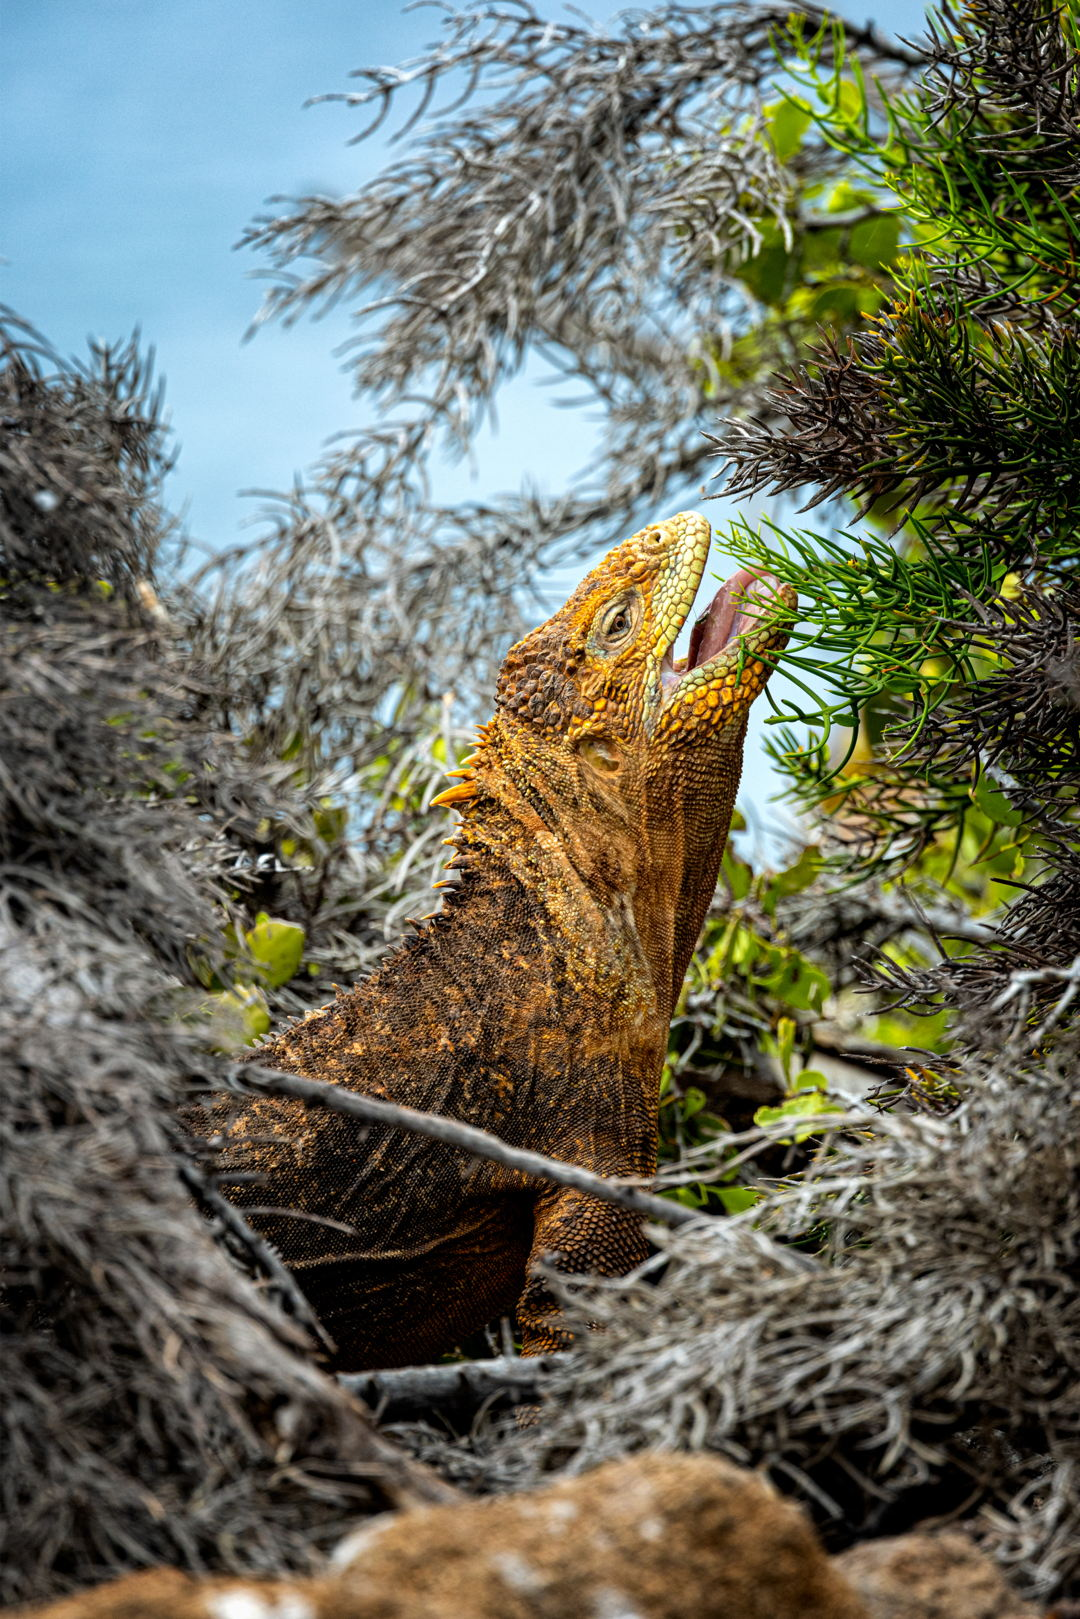 1η θέση στην κατηγορία Animals in Action /  Χερσαίο Ιγκουάνα των Γκαλάπαγκος